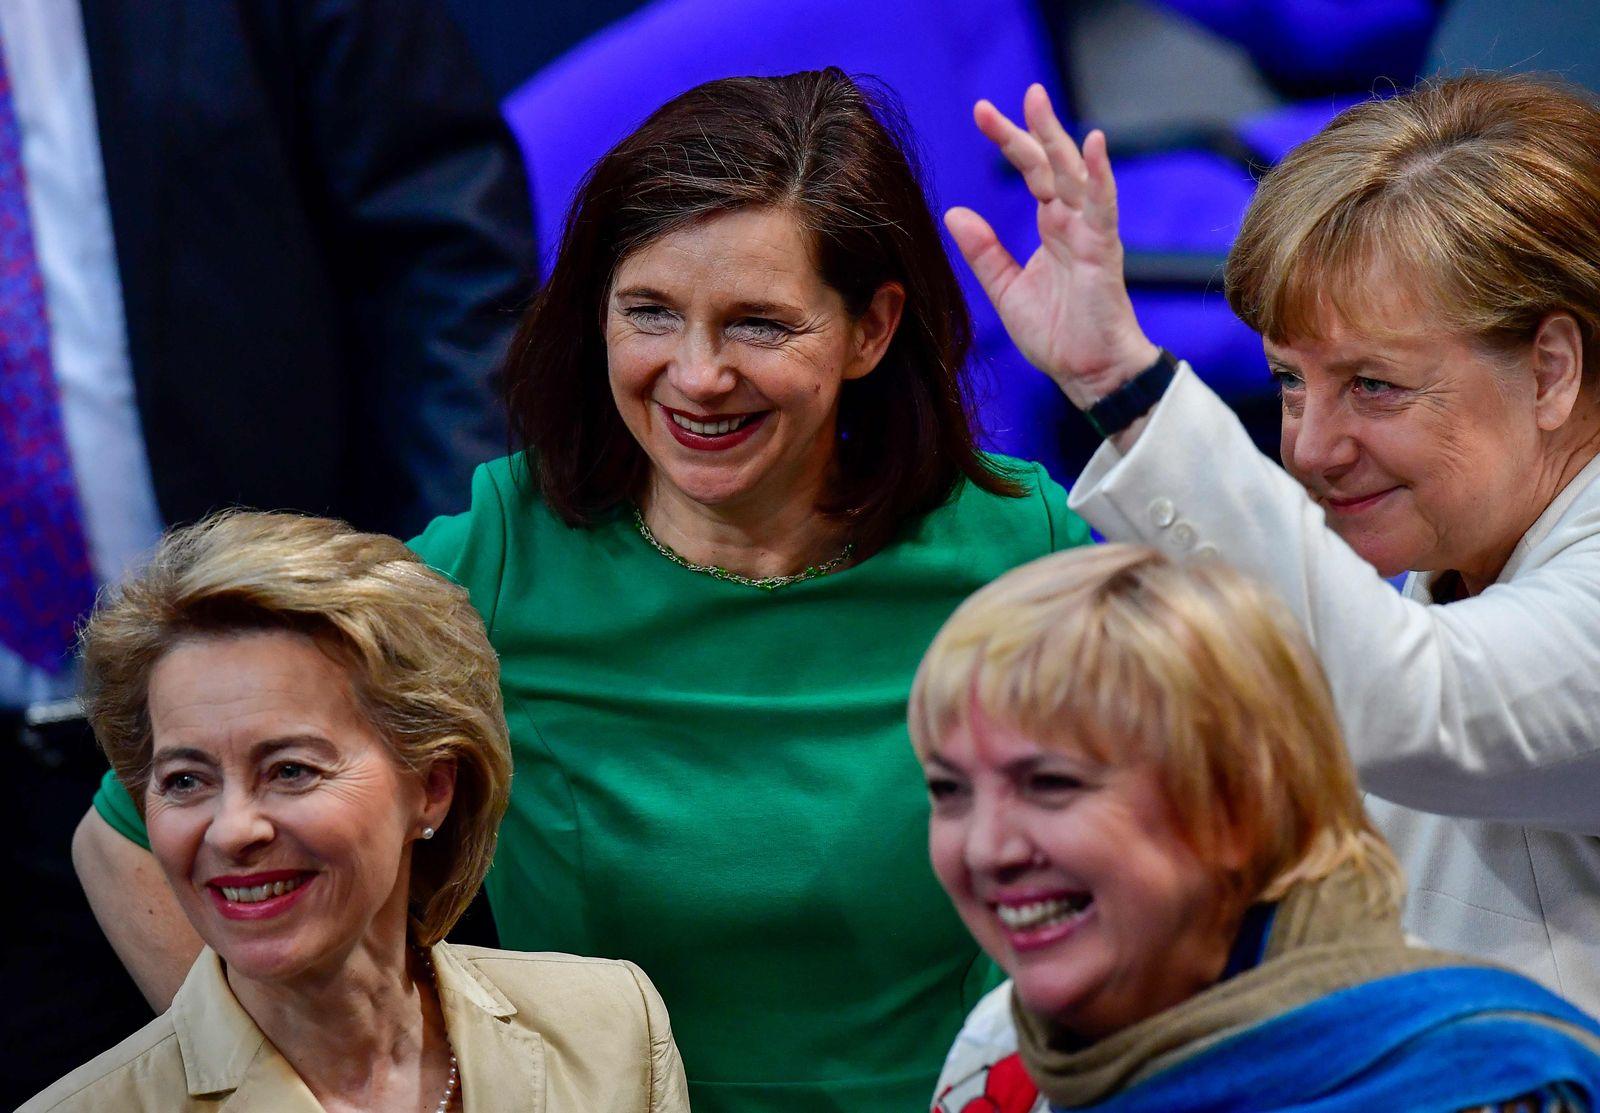 von der Leyen/ Katrin Goering-Eckardt/ Claudia Roth/ Angela Merkel